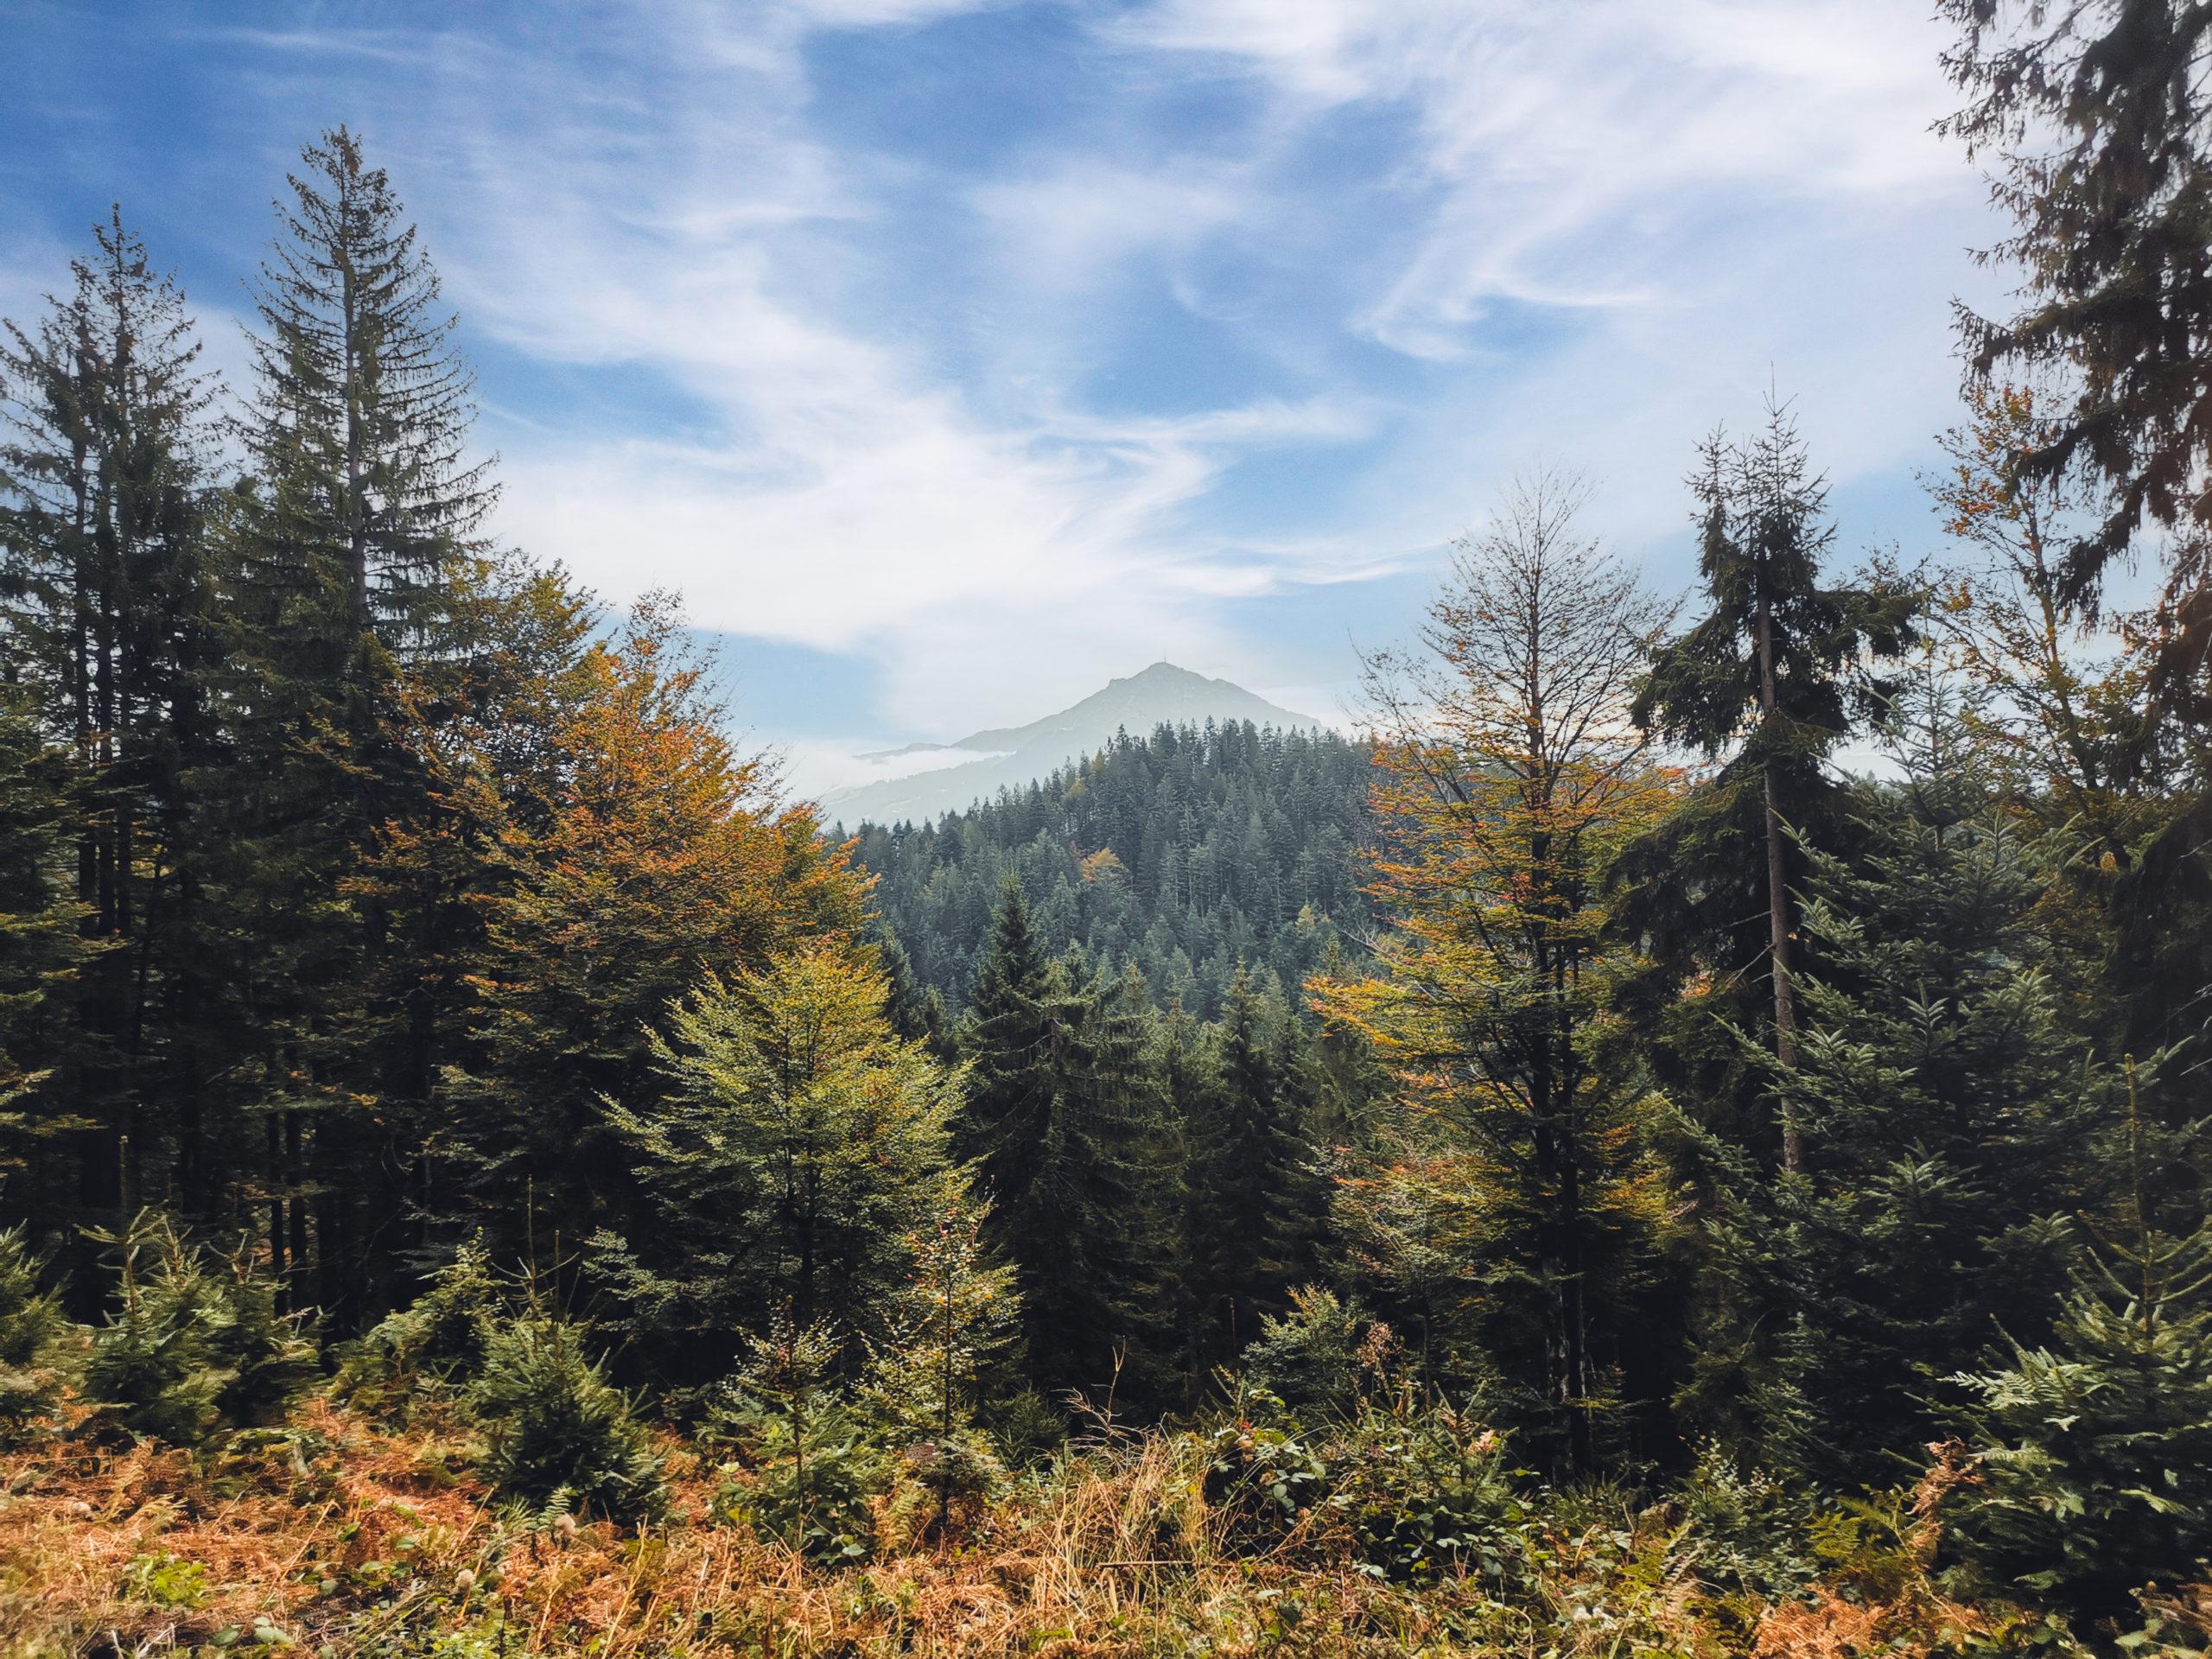 Herbstwald am Wilden Kaiser